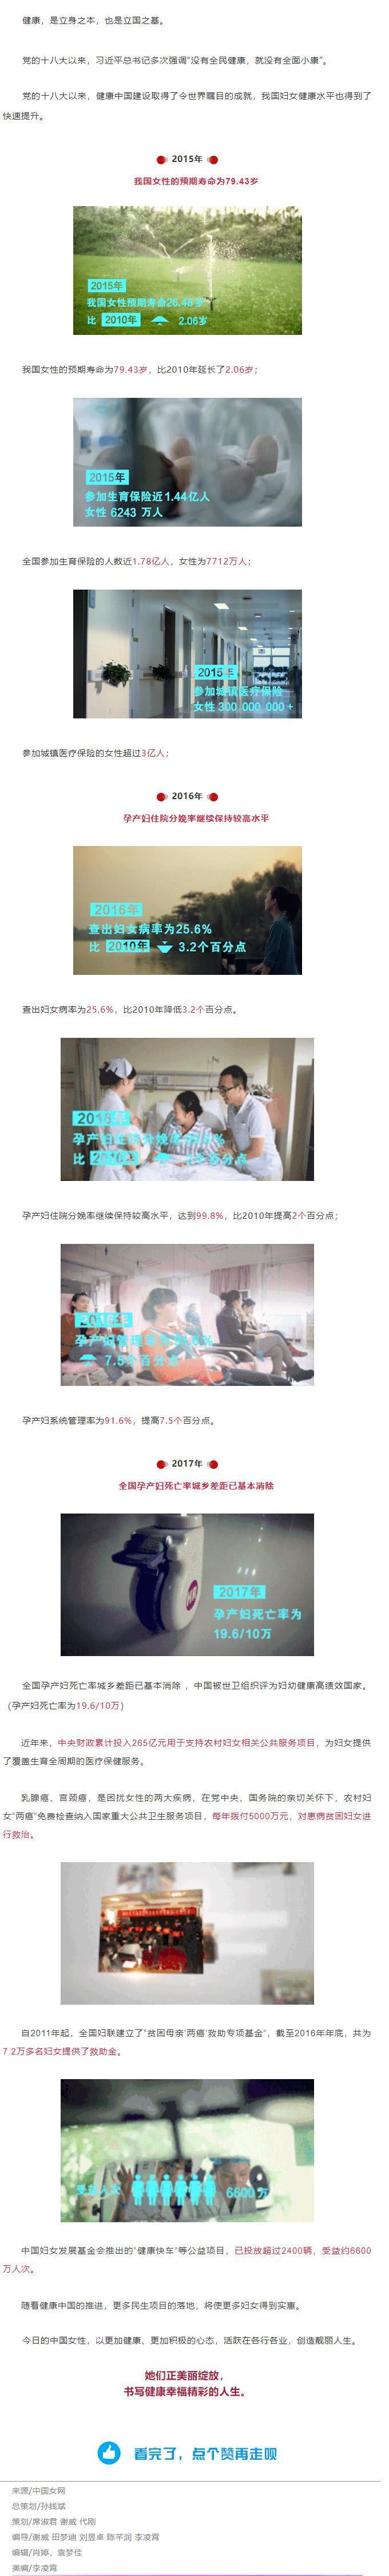 健康福祉,让中国女性更加美丽自信!